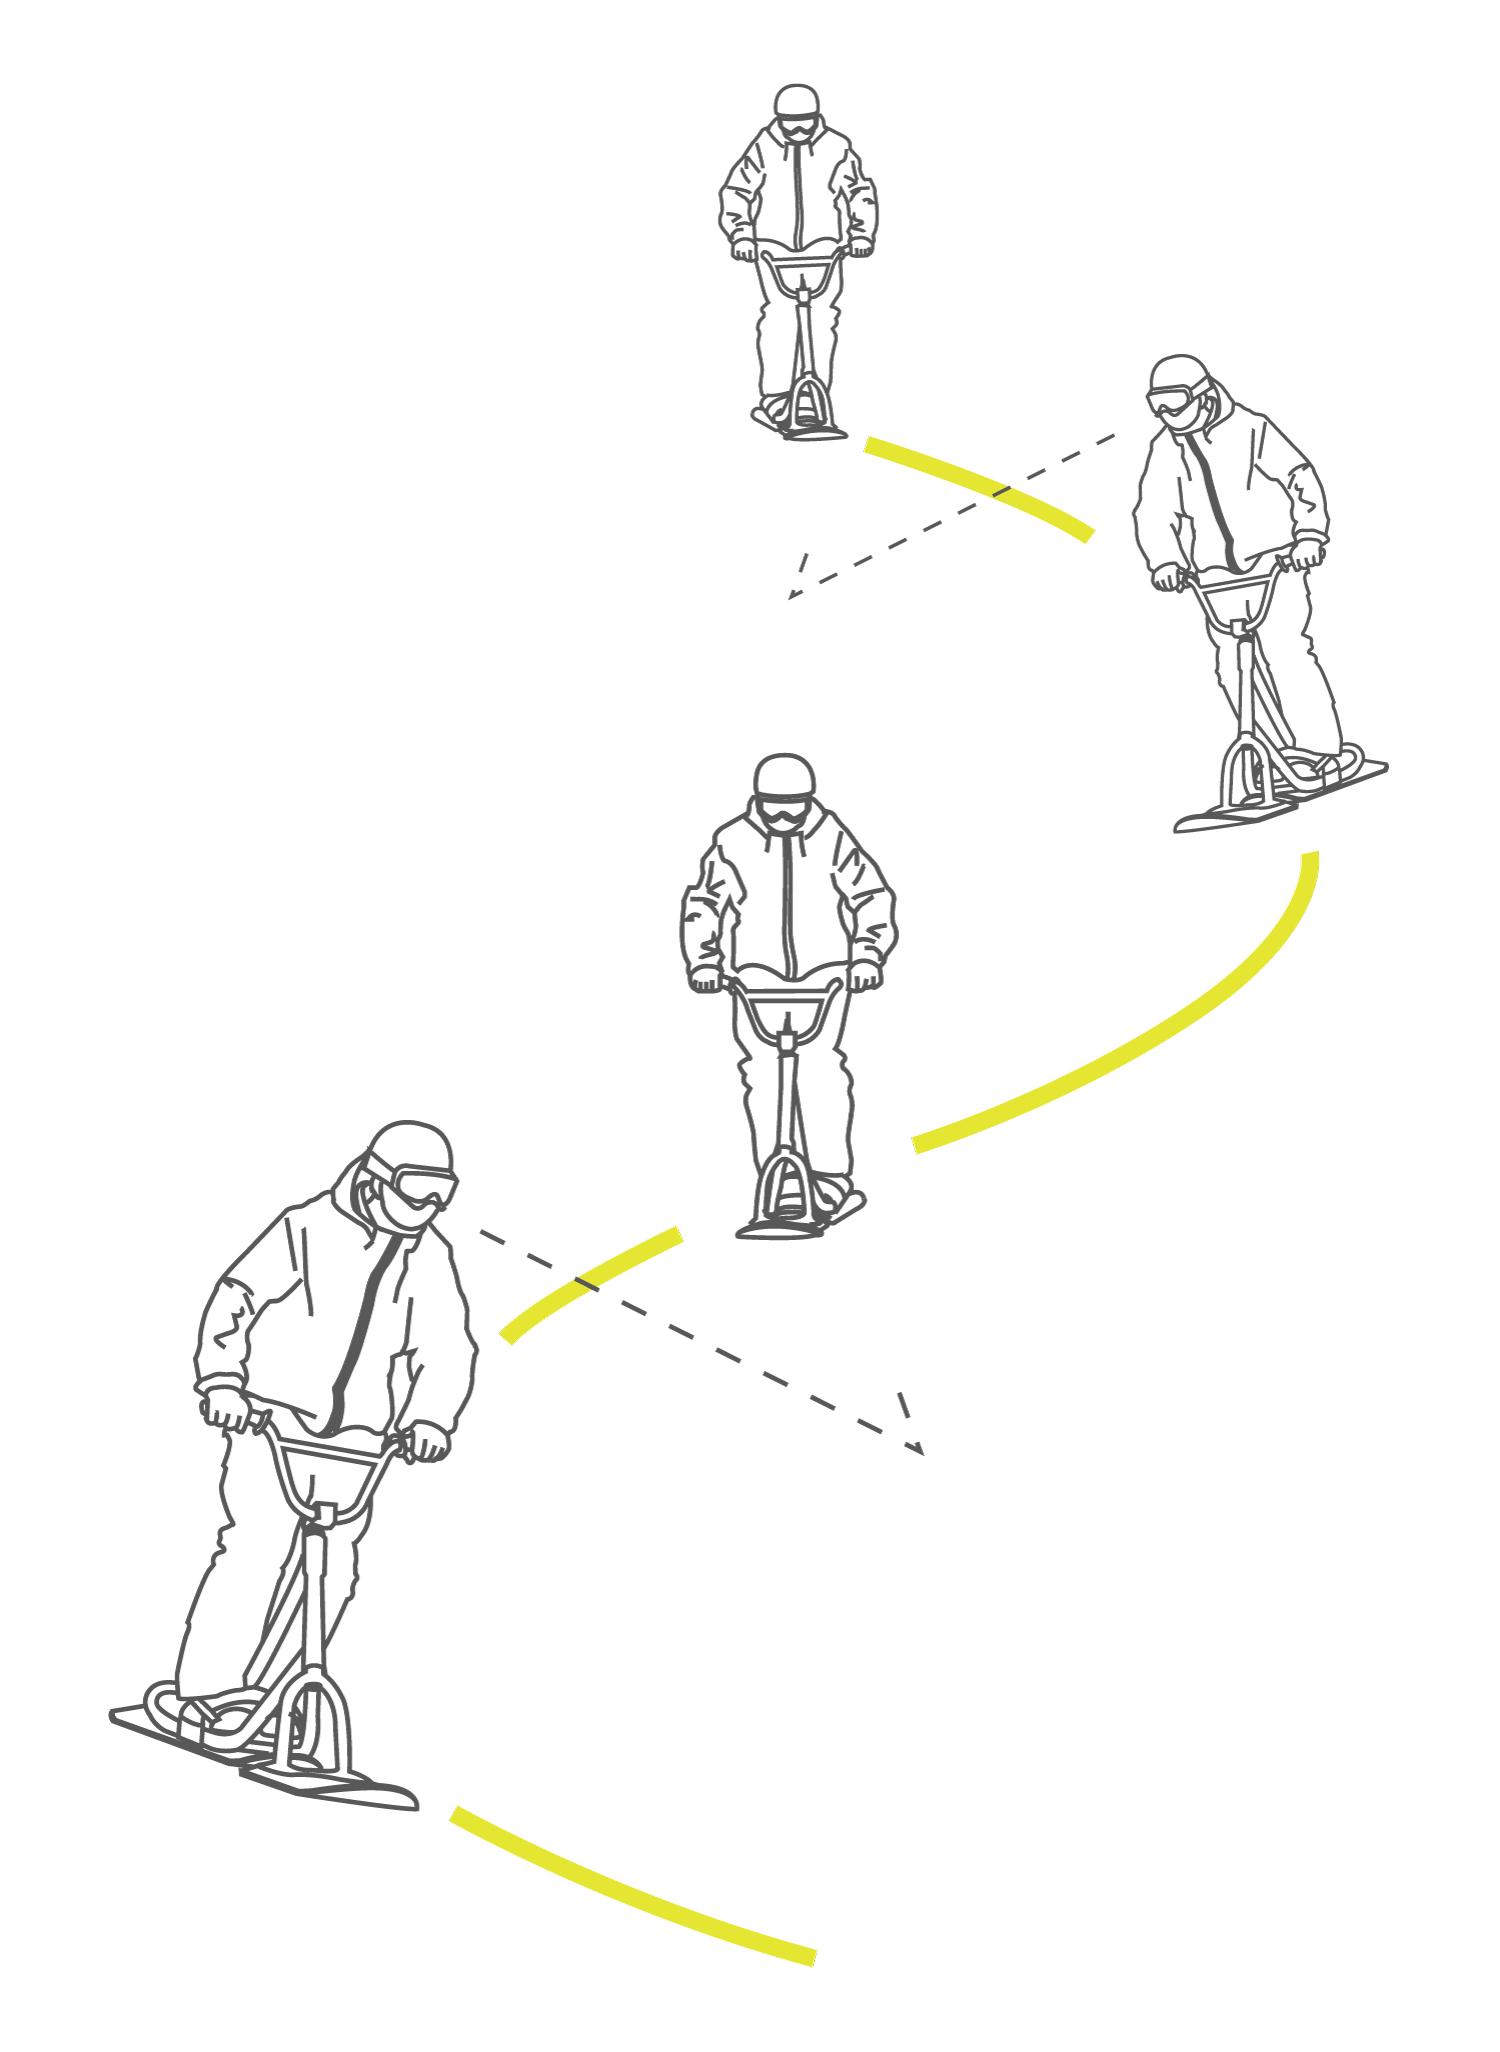 スノースクート練習3_連続ターン